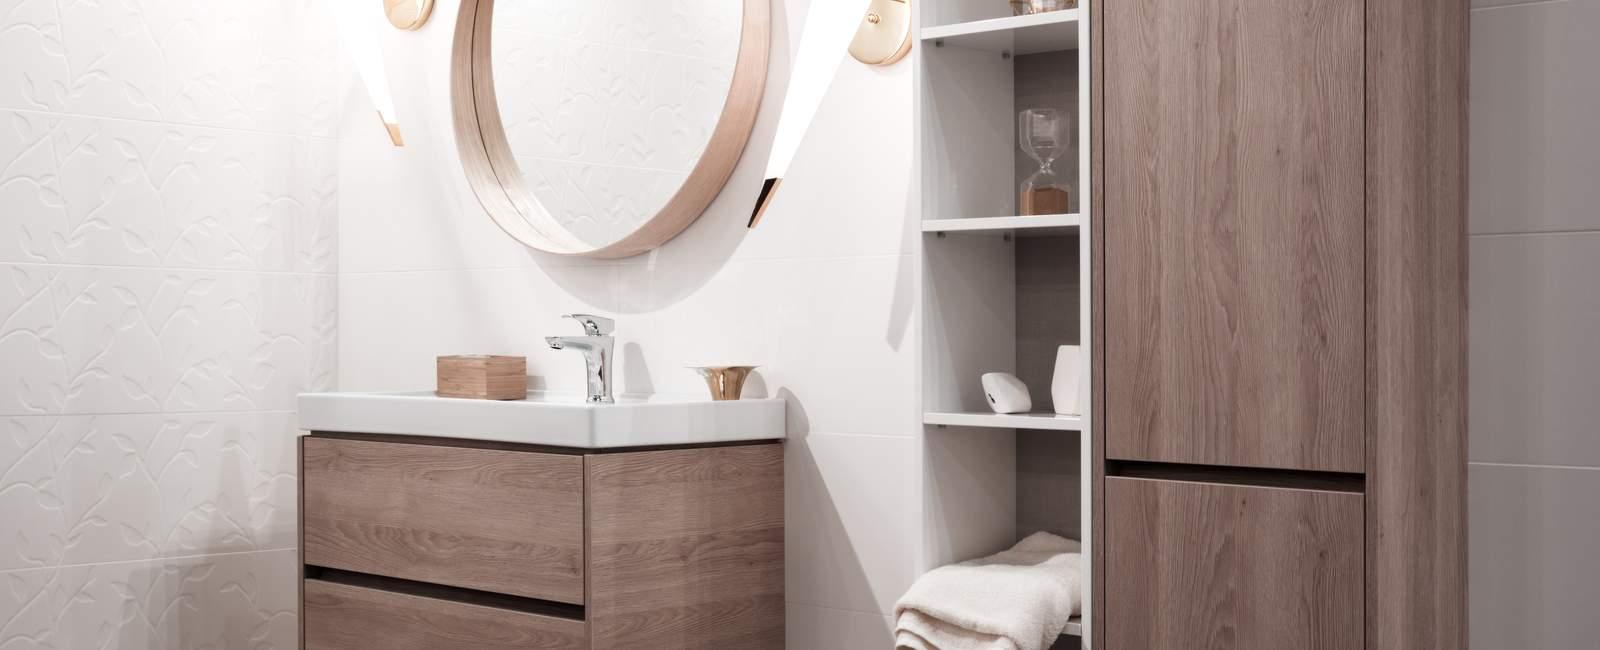 Fenetre Salle De Bain comment aménager une salle de bains sans fenêtre ?